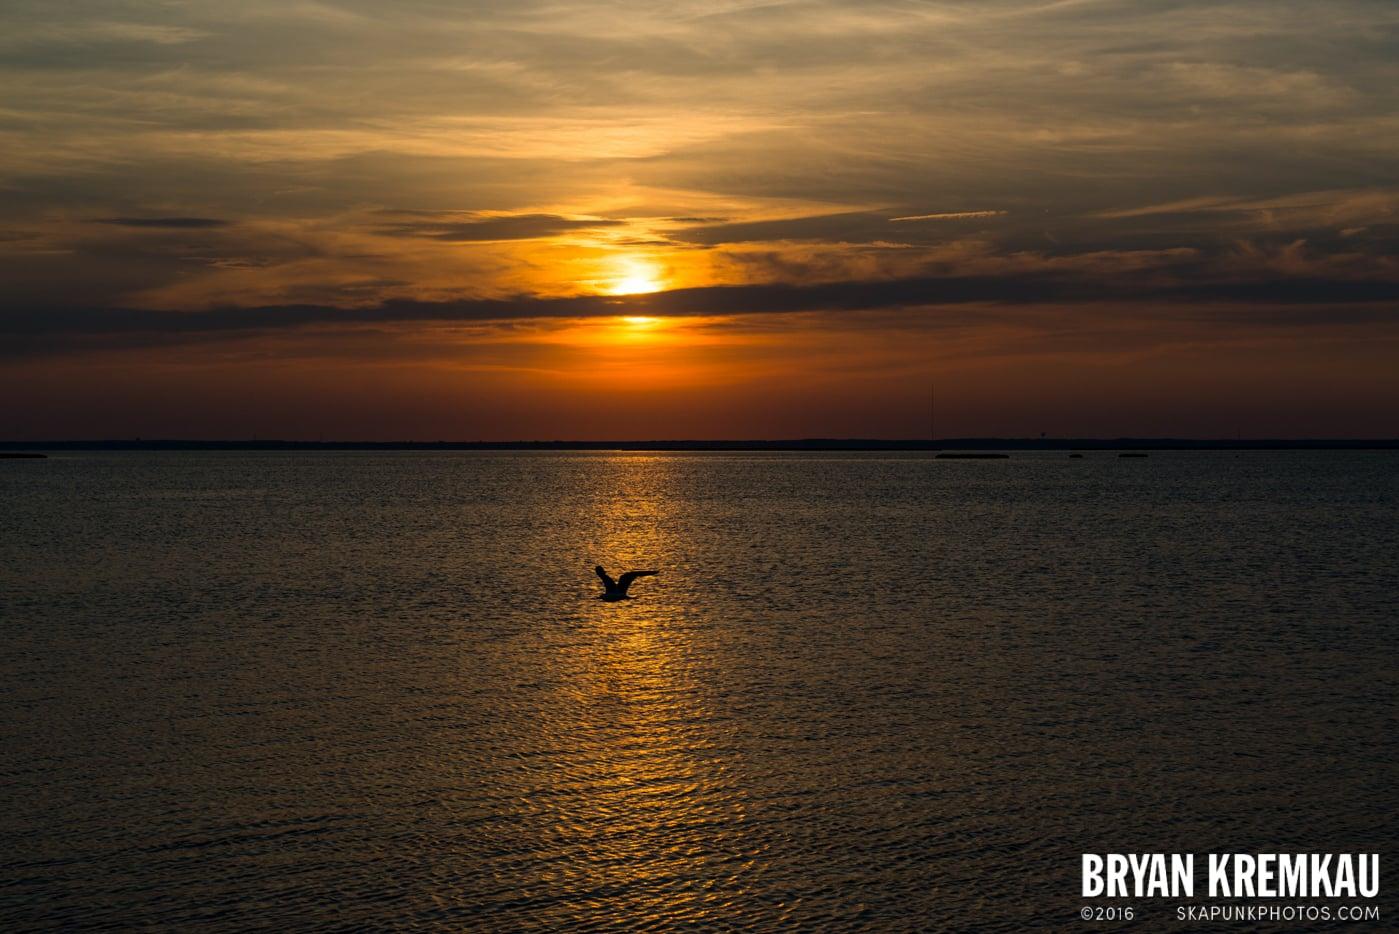 Beach Haven, Long Beach Island, NJ - 6.16.14 - 6.18.14 (83)